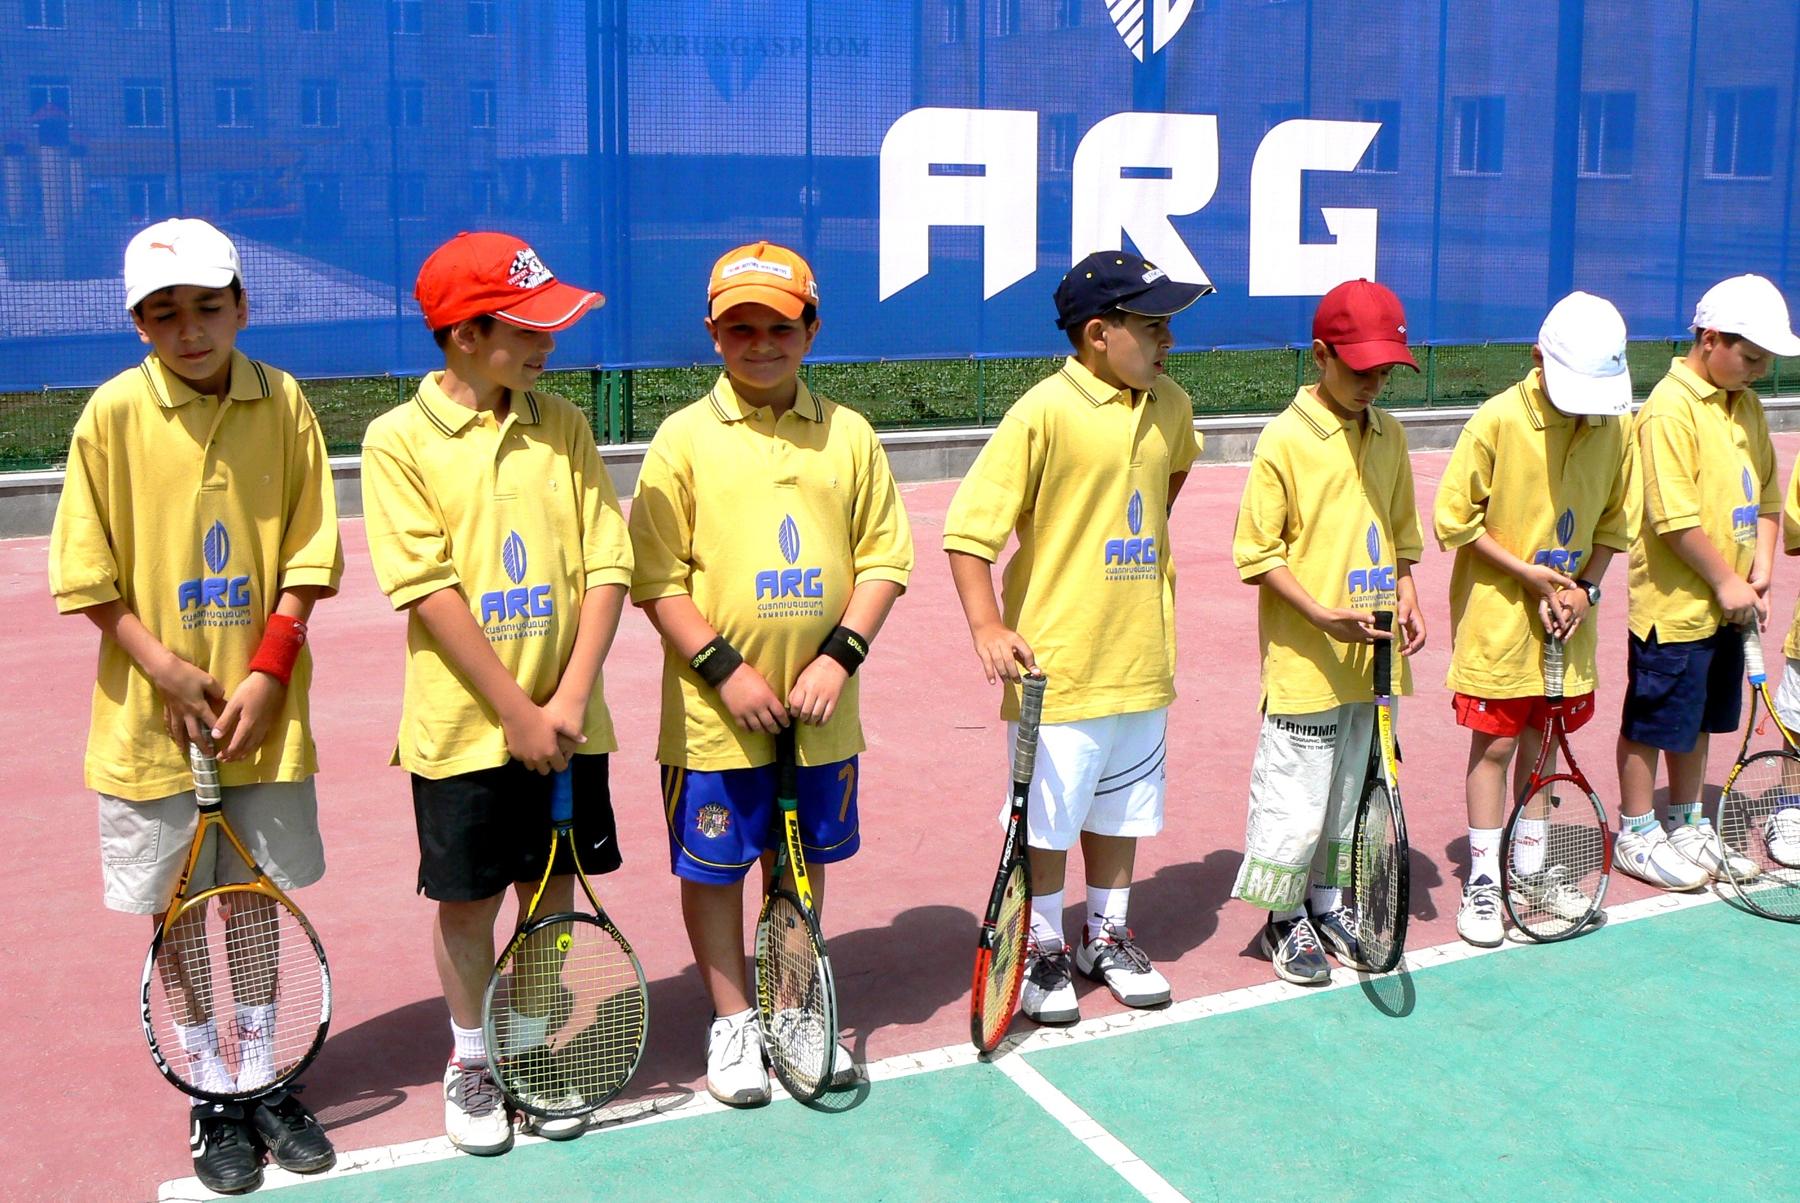 Թենիսի մրցաշարը, որին մասնակցում էին մինչեւ 10 տարեկան 16 տղաներ և աղջիկներ